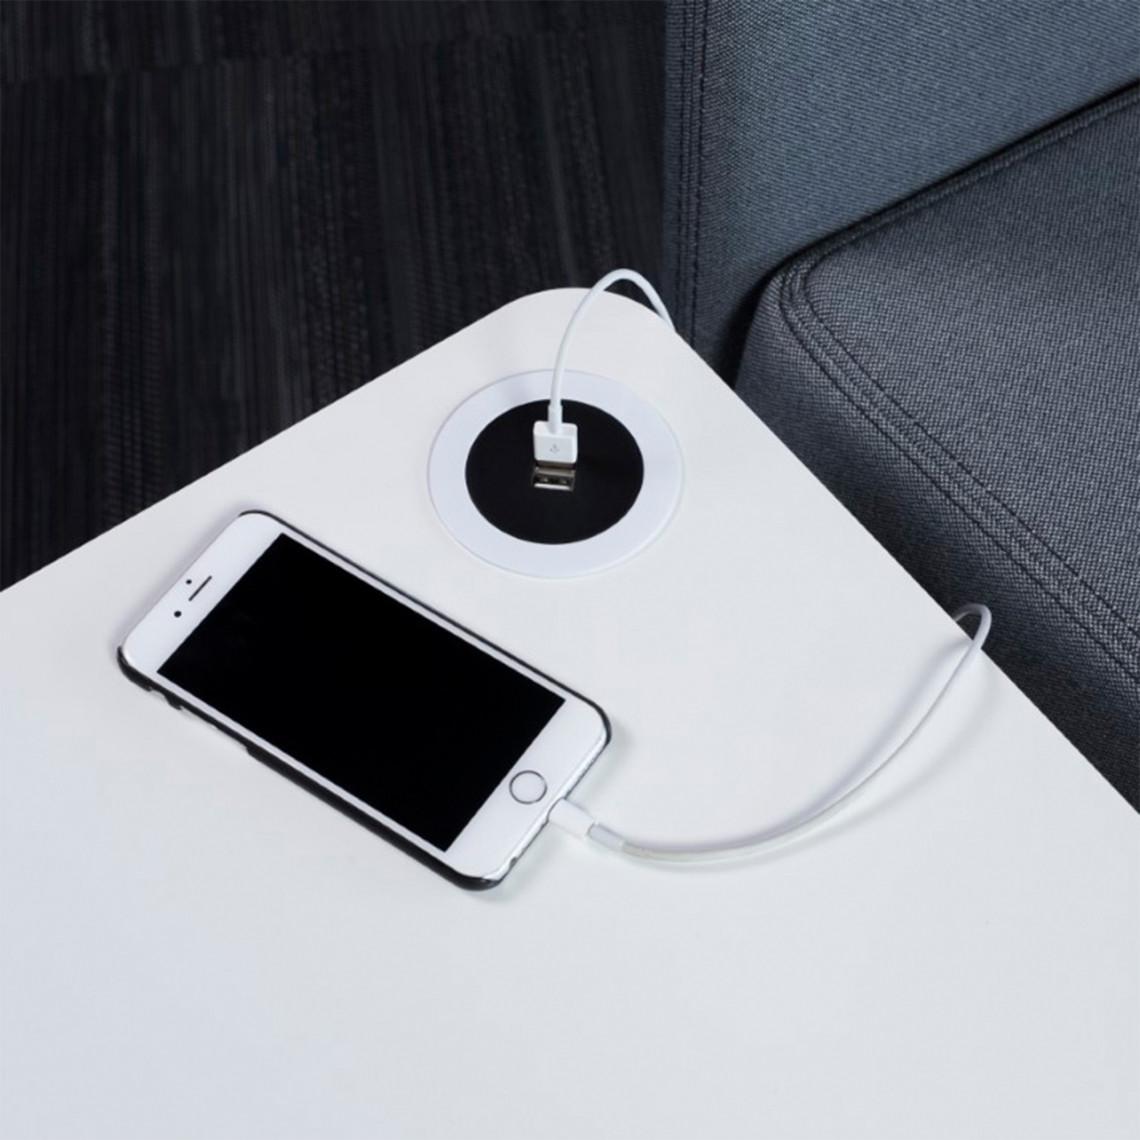 USB Grommet